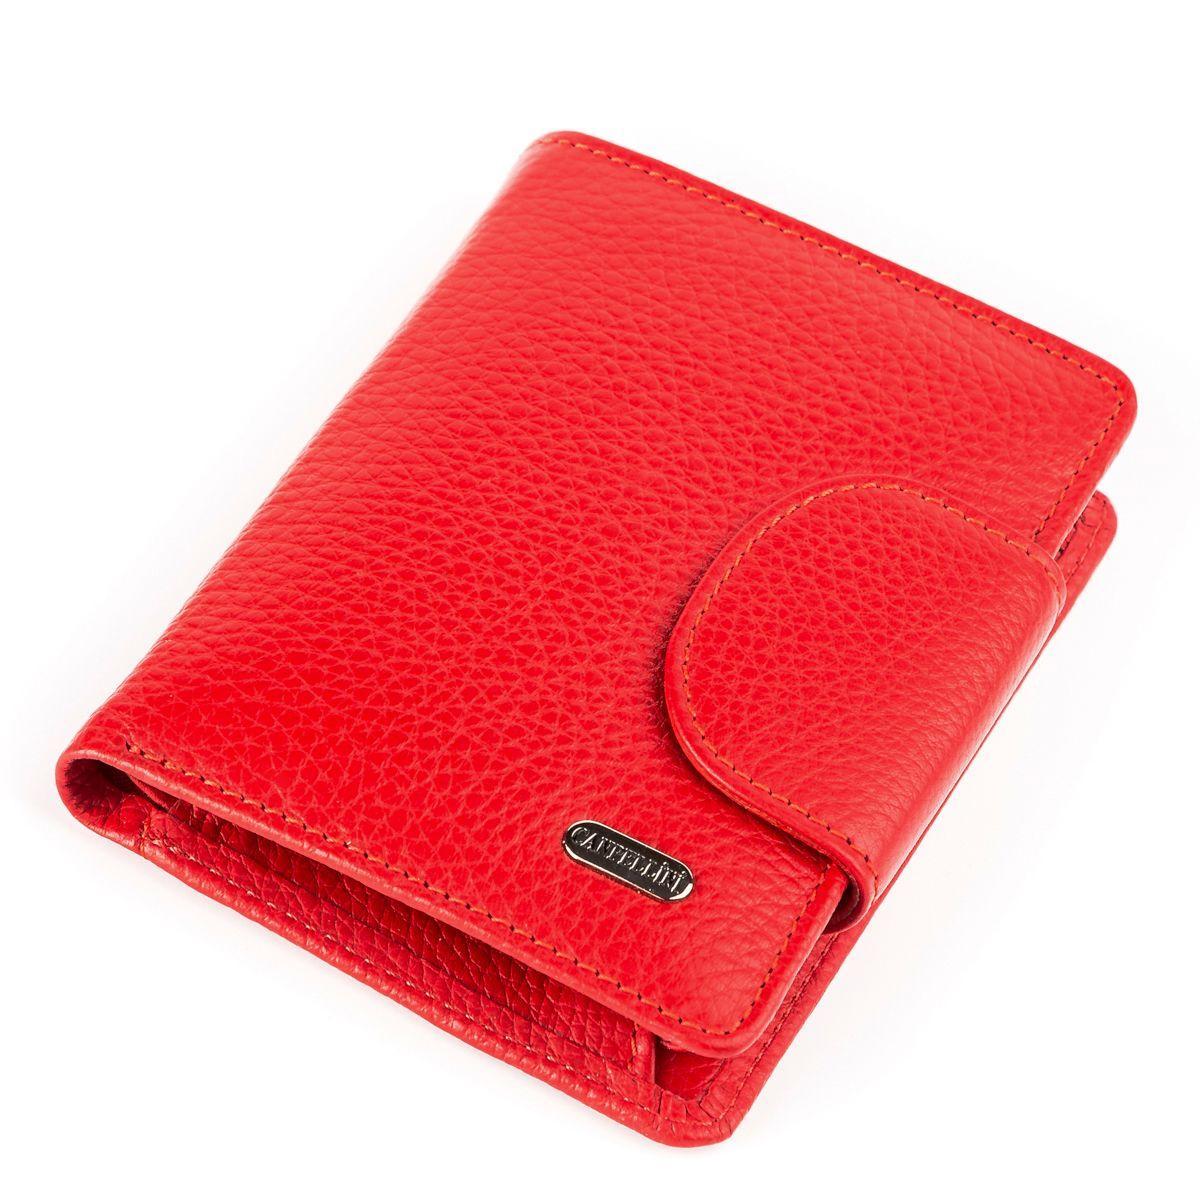 Кошелек женский CANPELLINI 17054 кожаный Красный, Красный